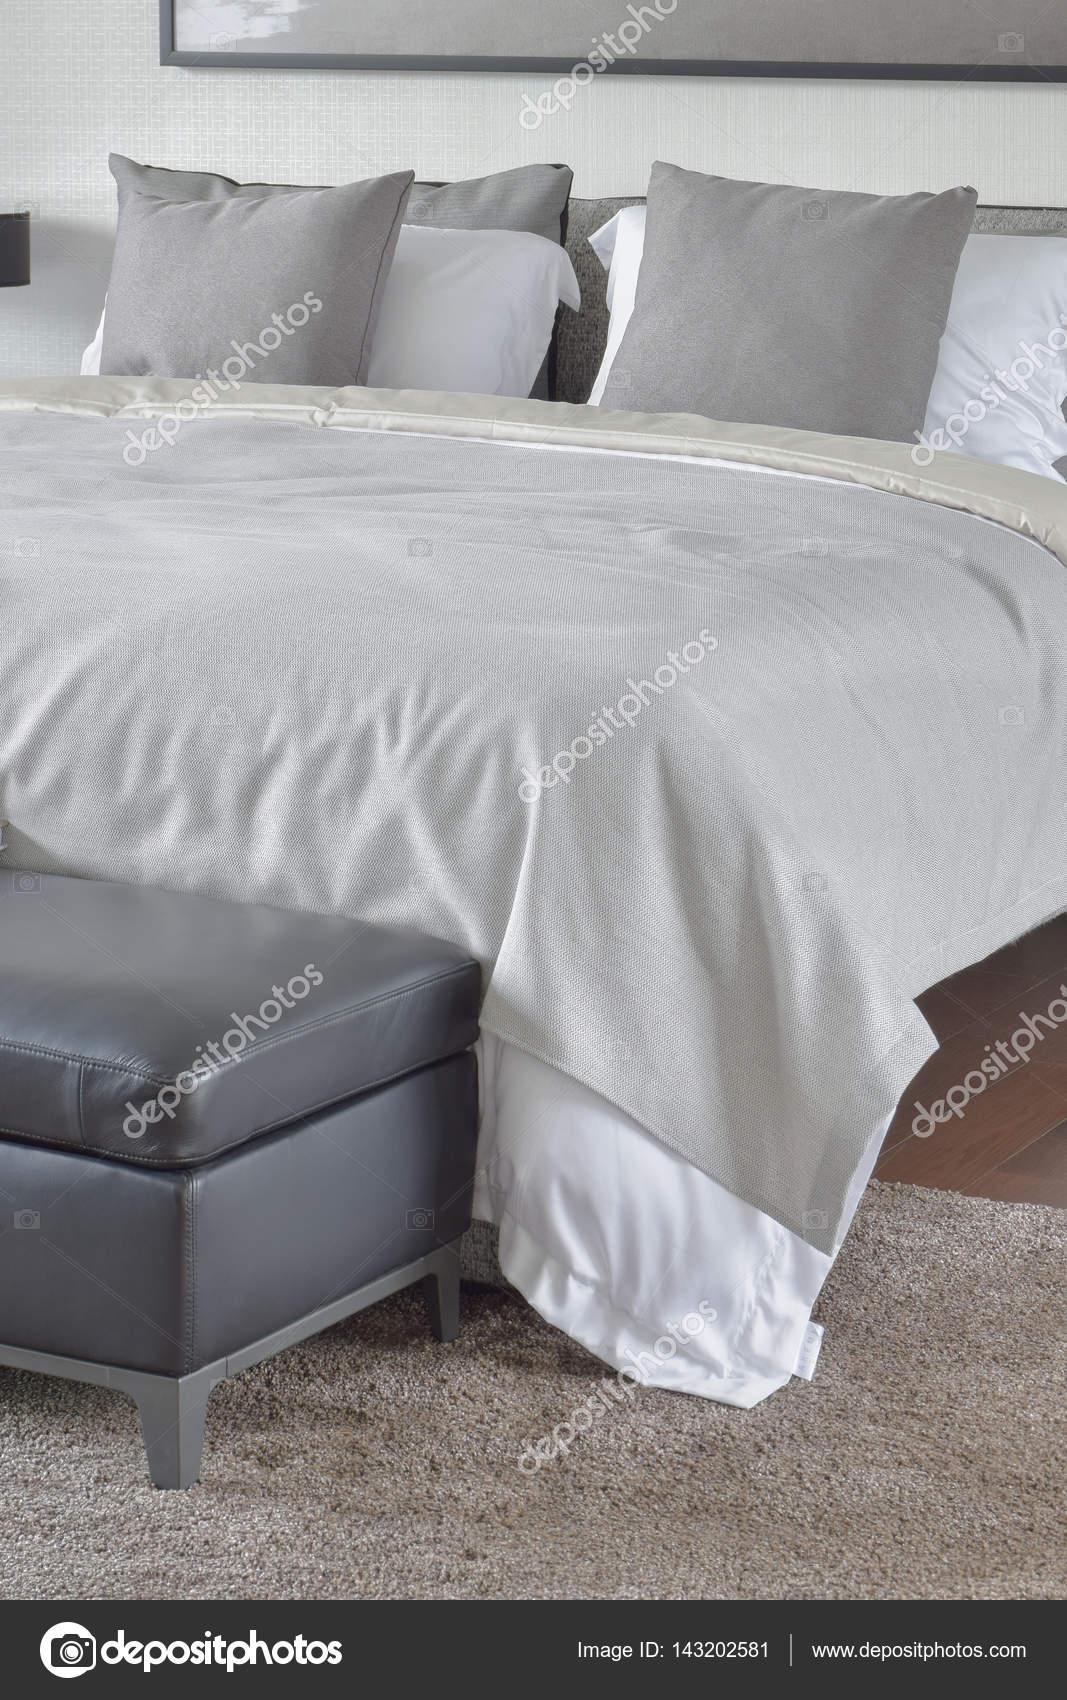 Manta beige en cama con otomana de cuero negro — Foto de stock ...